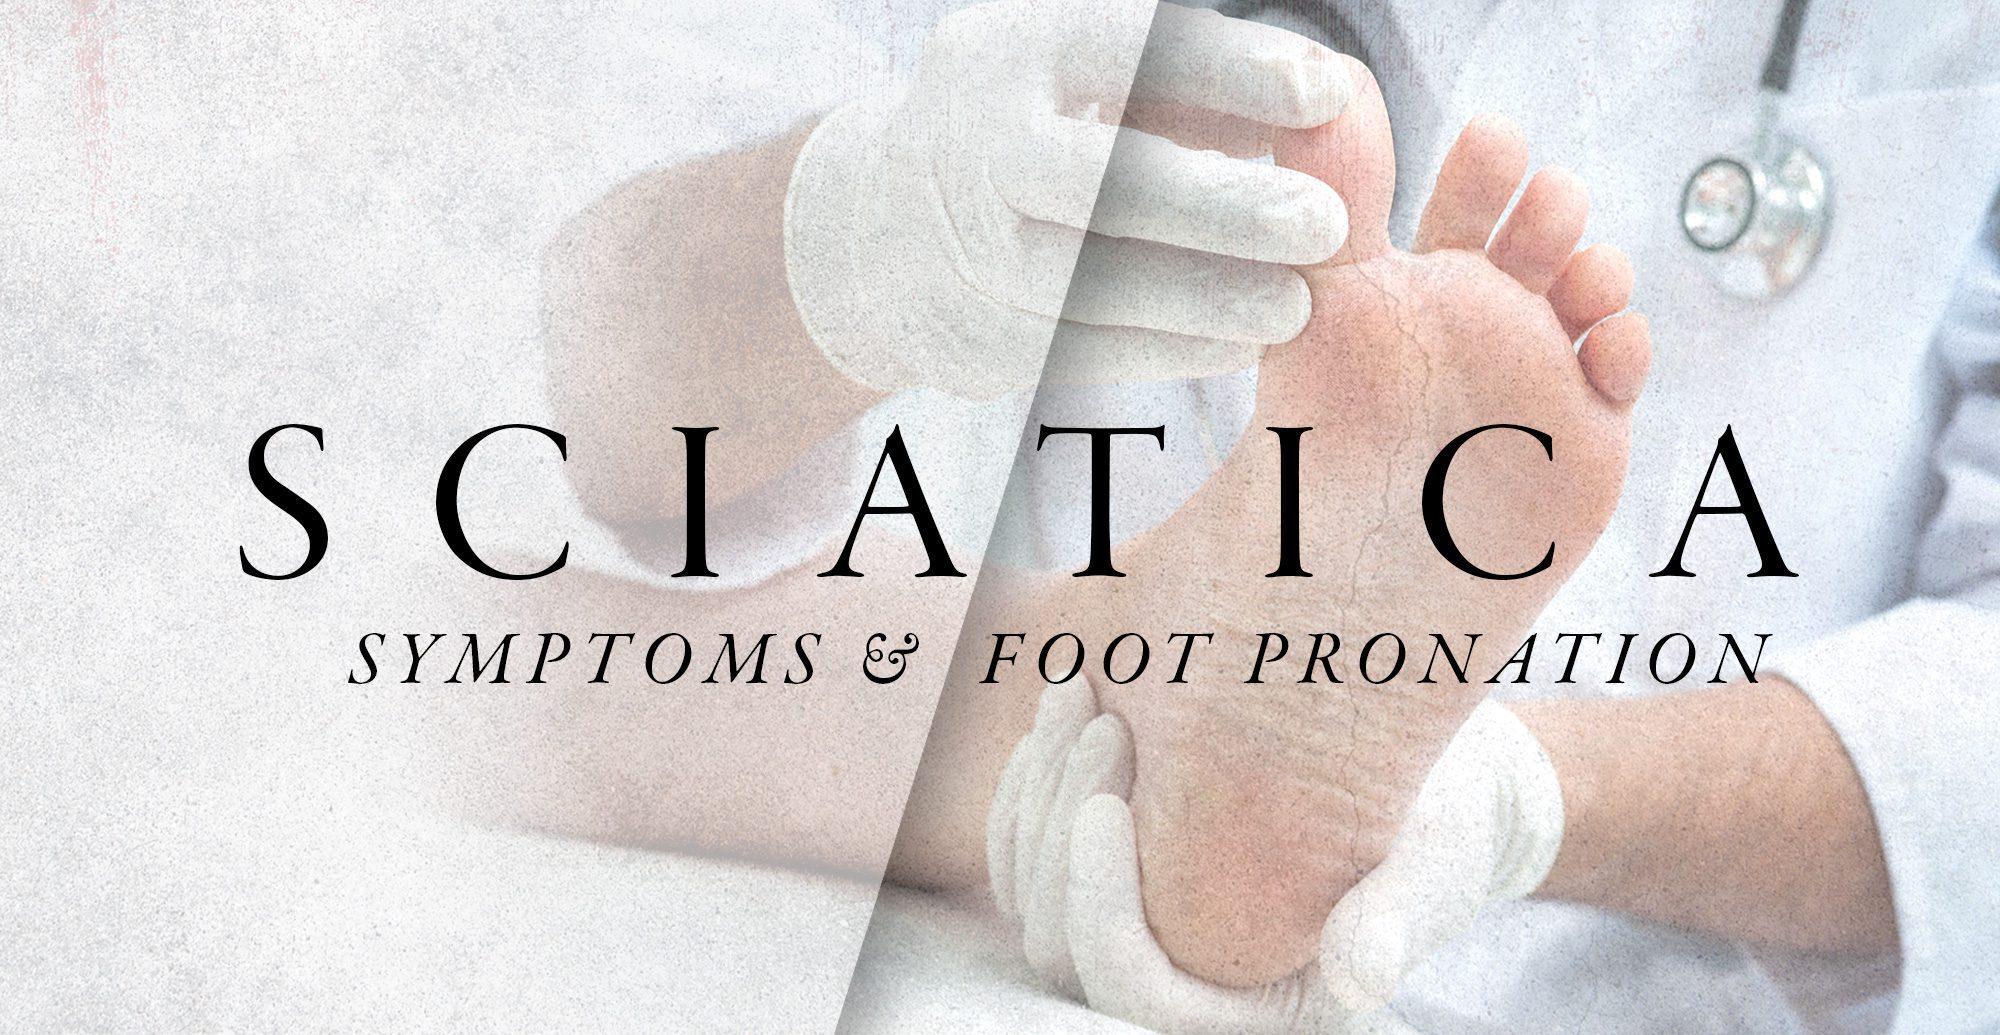 Sciatica Symptoms and Foot Pronation | El Paso, TX Chiropractor